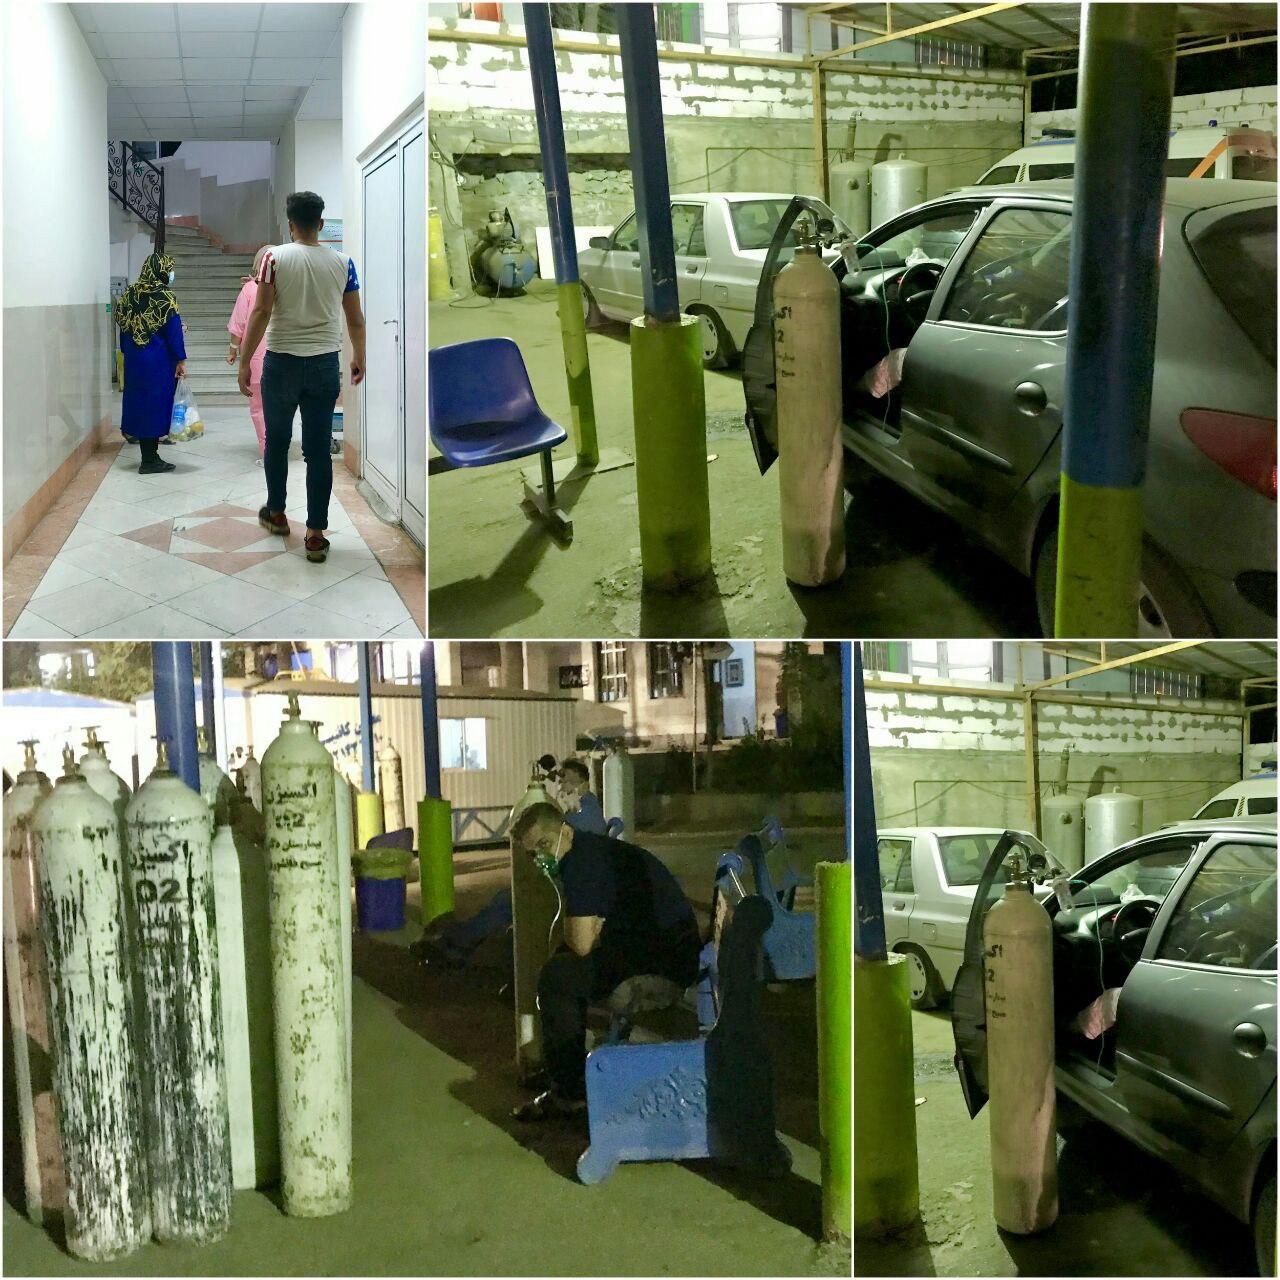 پارکینگ بیمارستان مسیح دانشوری و کرونا